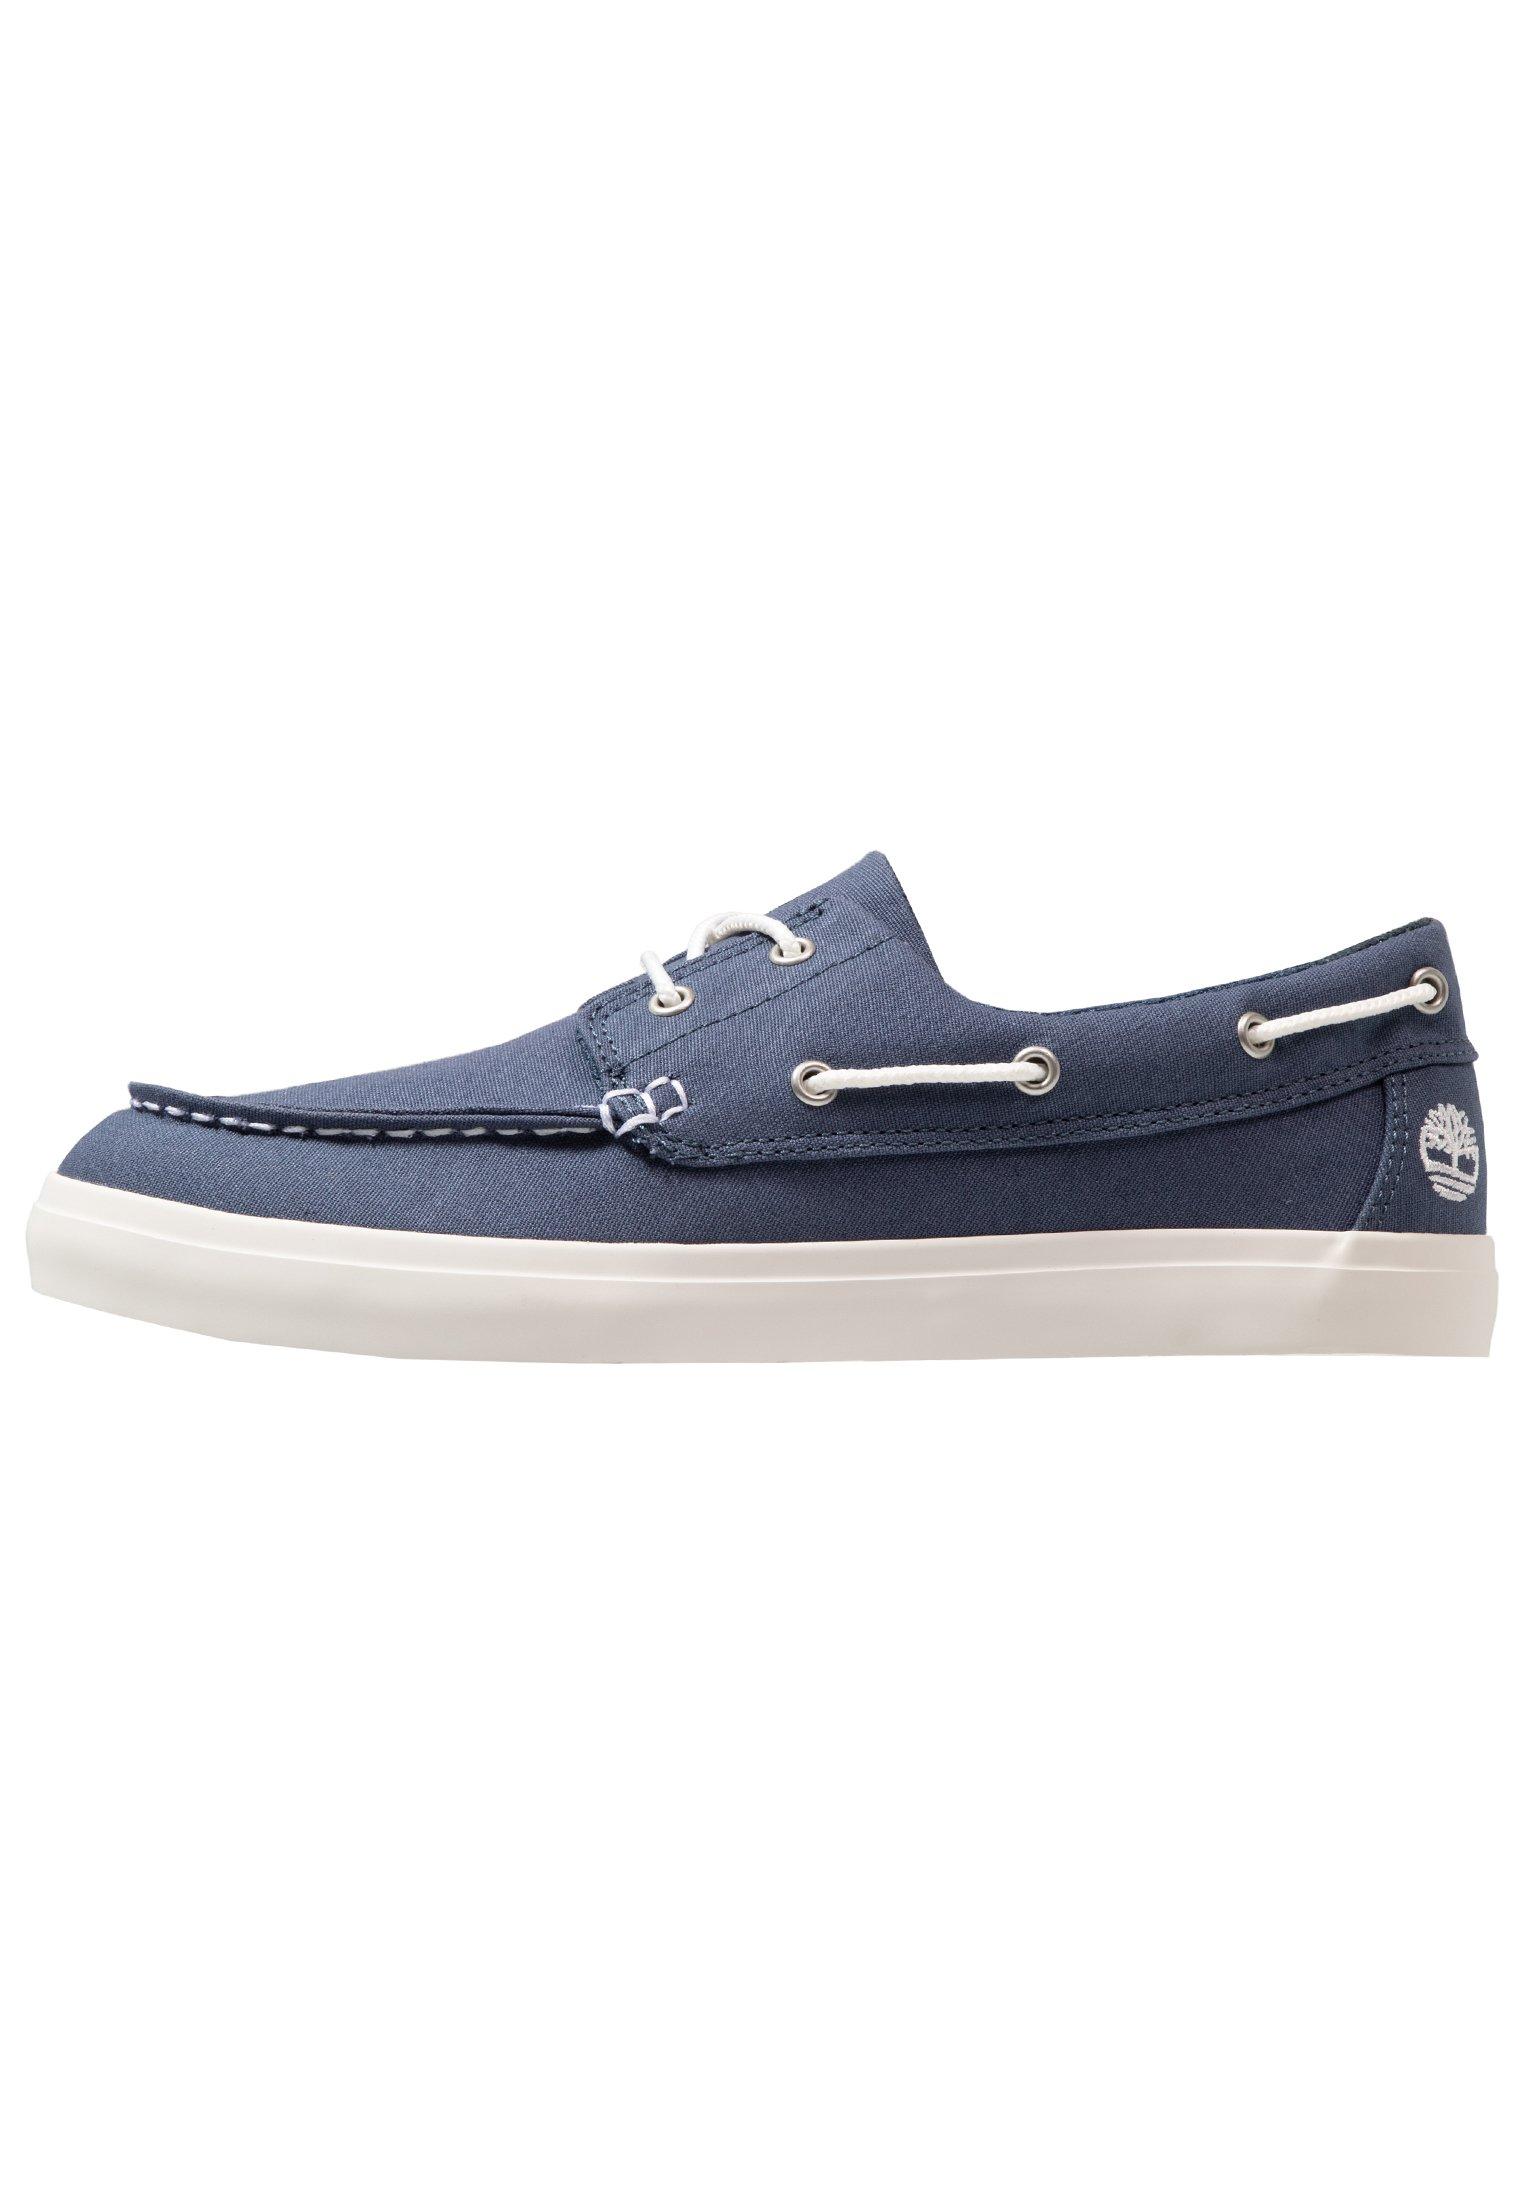 UNION WHARF 2 EYE Chaussures bateau dark blue